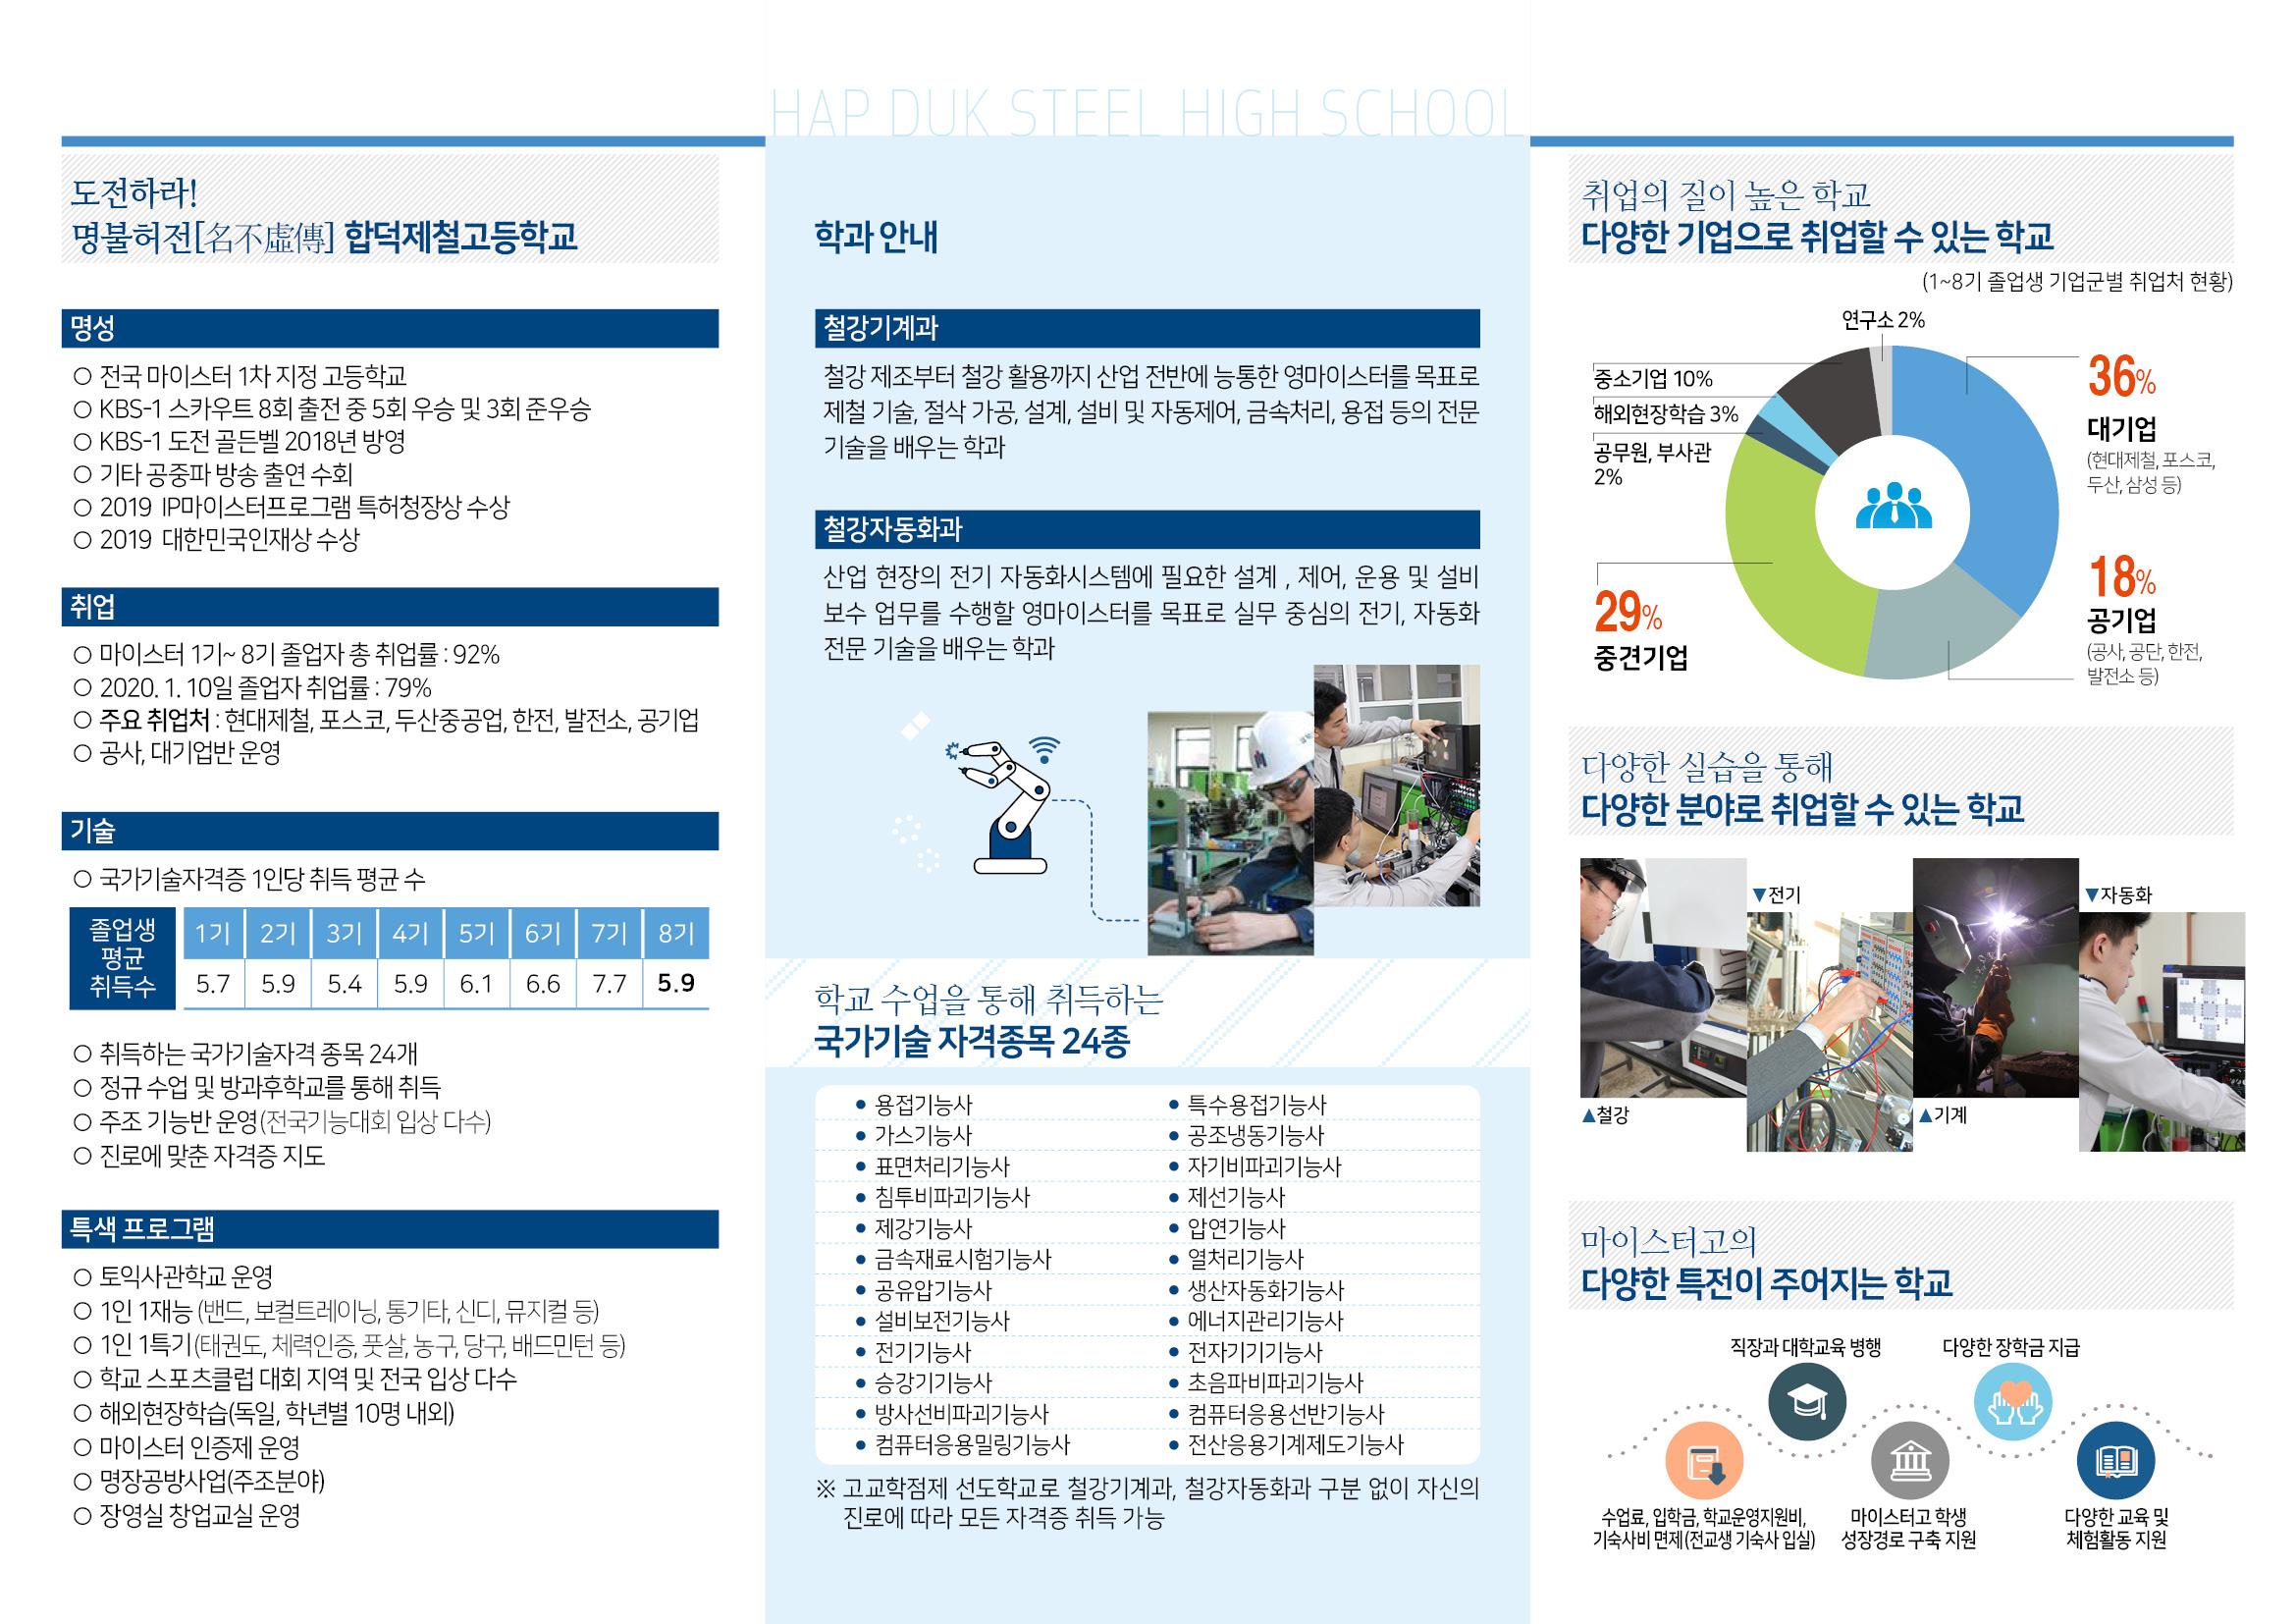 [일반] 합덕제철고등학교(마이스터고) 입학설명회 안내의 첨부이미지 2